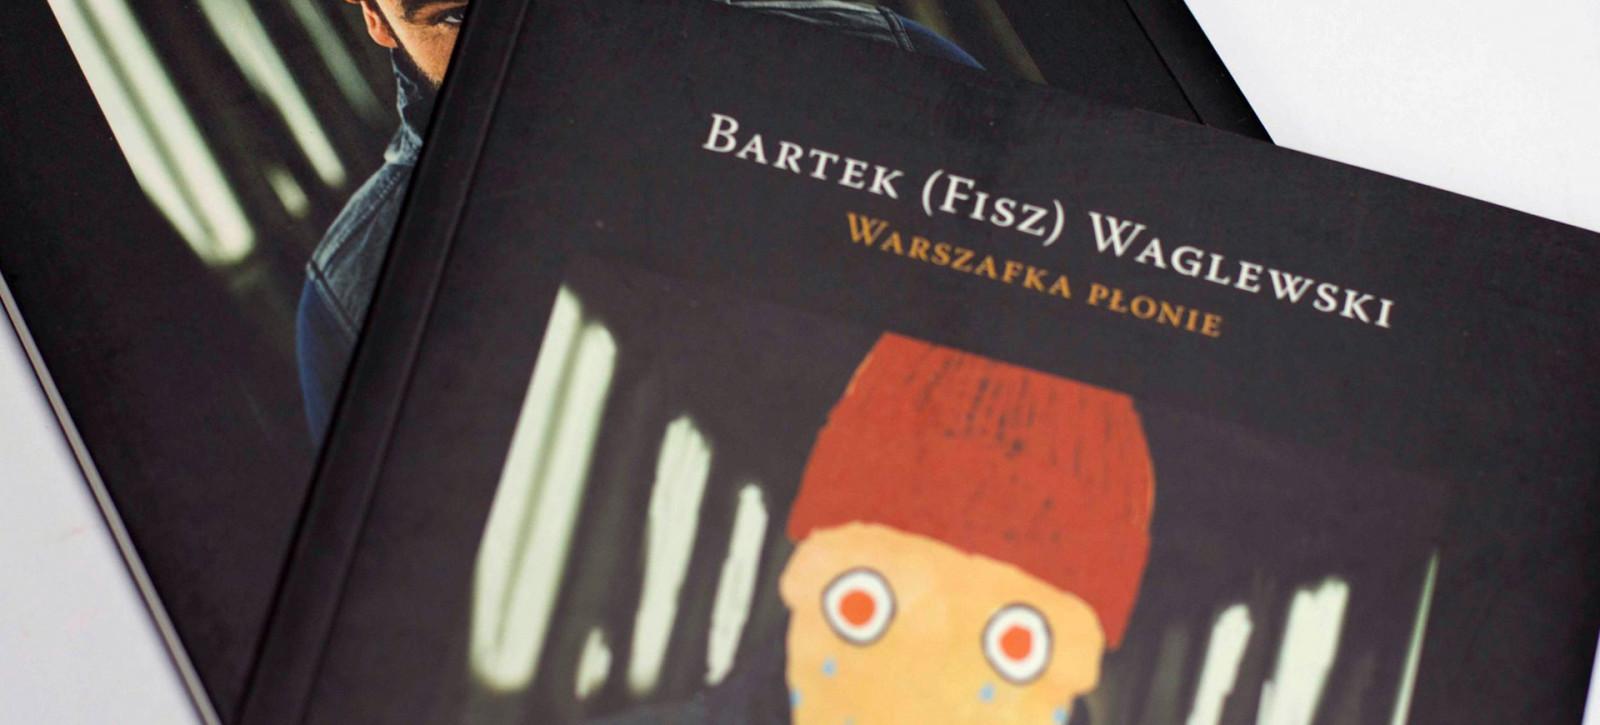 KSIAZKI_Warszafka-plonie